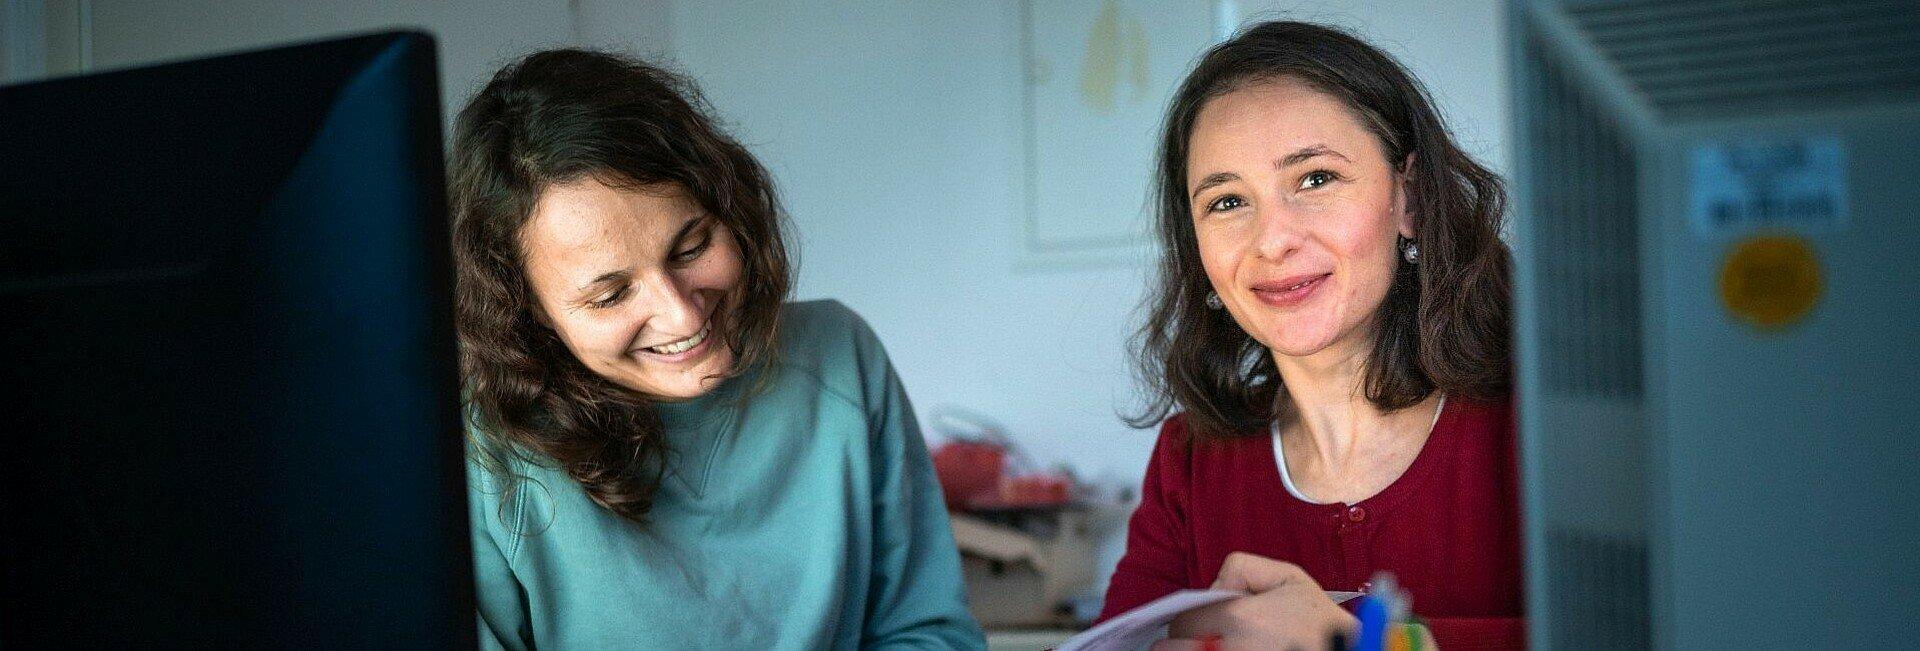 Nadine Bolz und Aneliya Angelova von der Kulturliste Köln